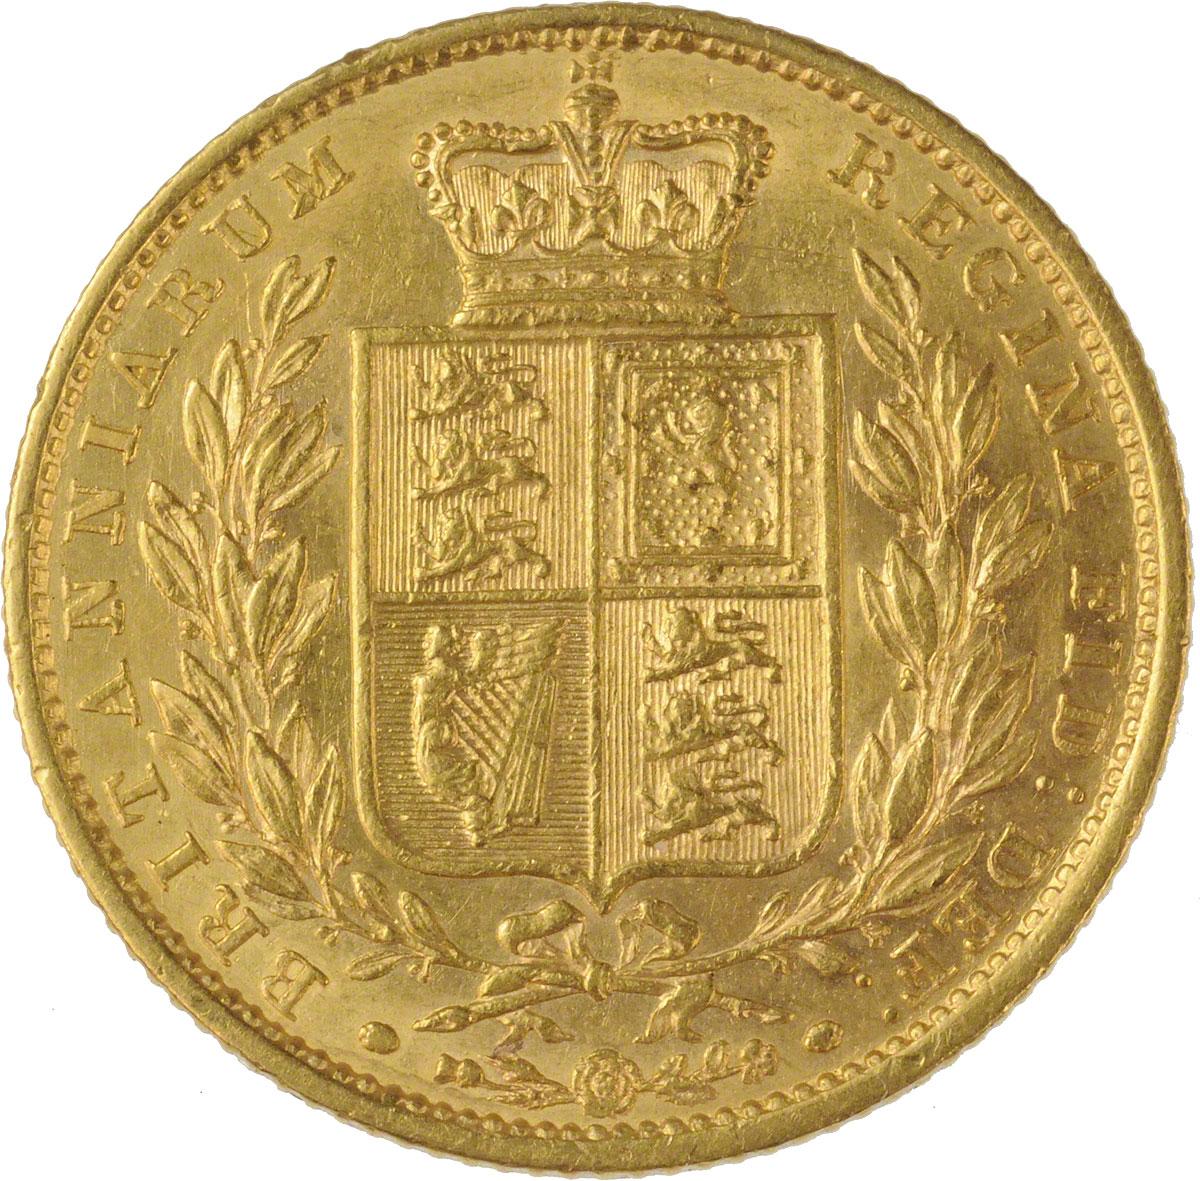 1848 Βικτώρια